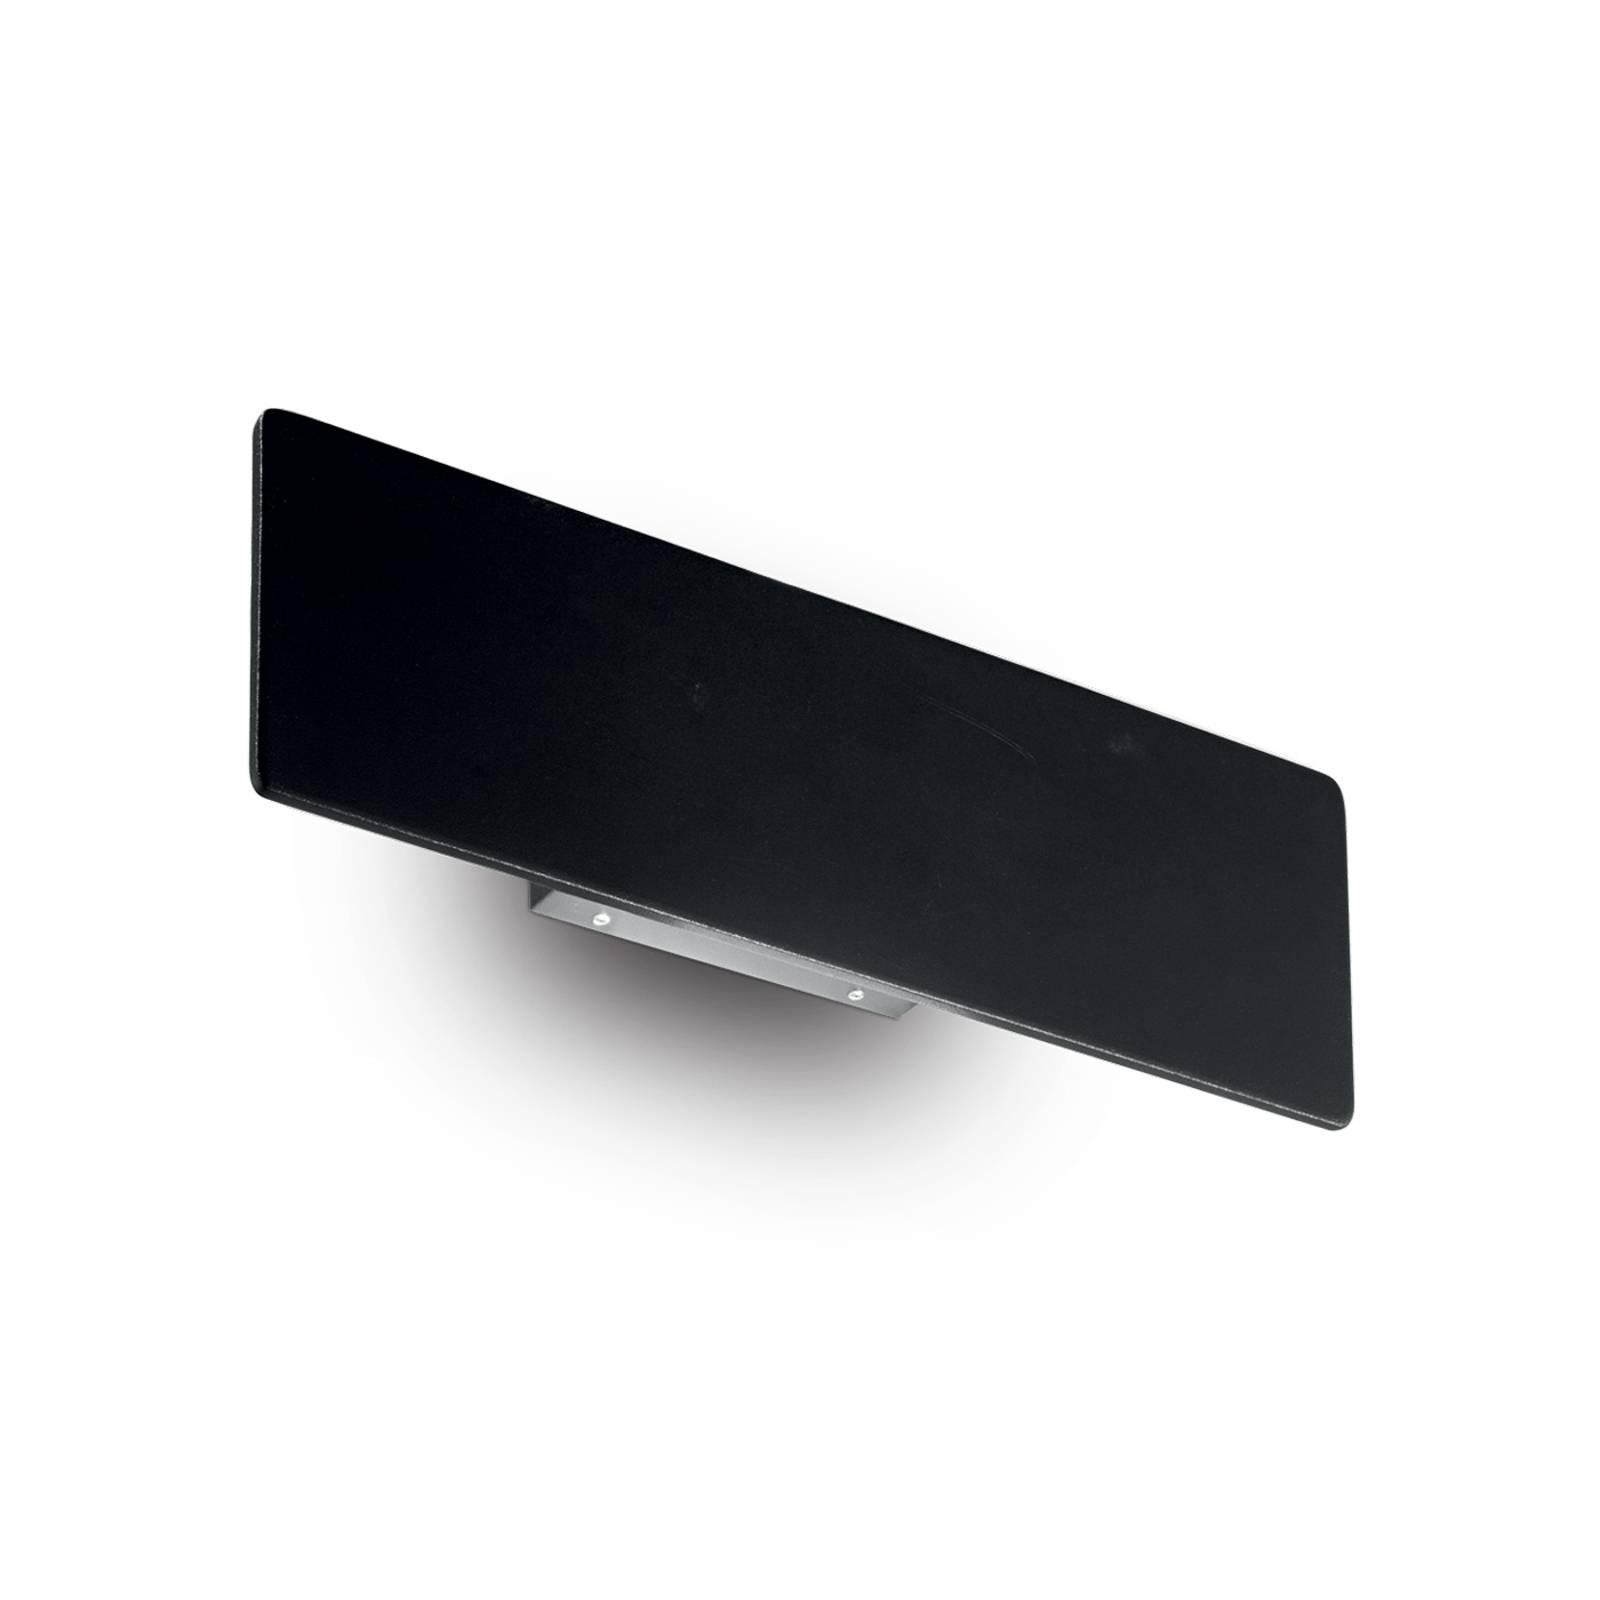 LED-Wandleuchte Zig Zag schwarz, Breite 29 cm